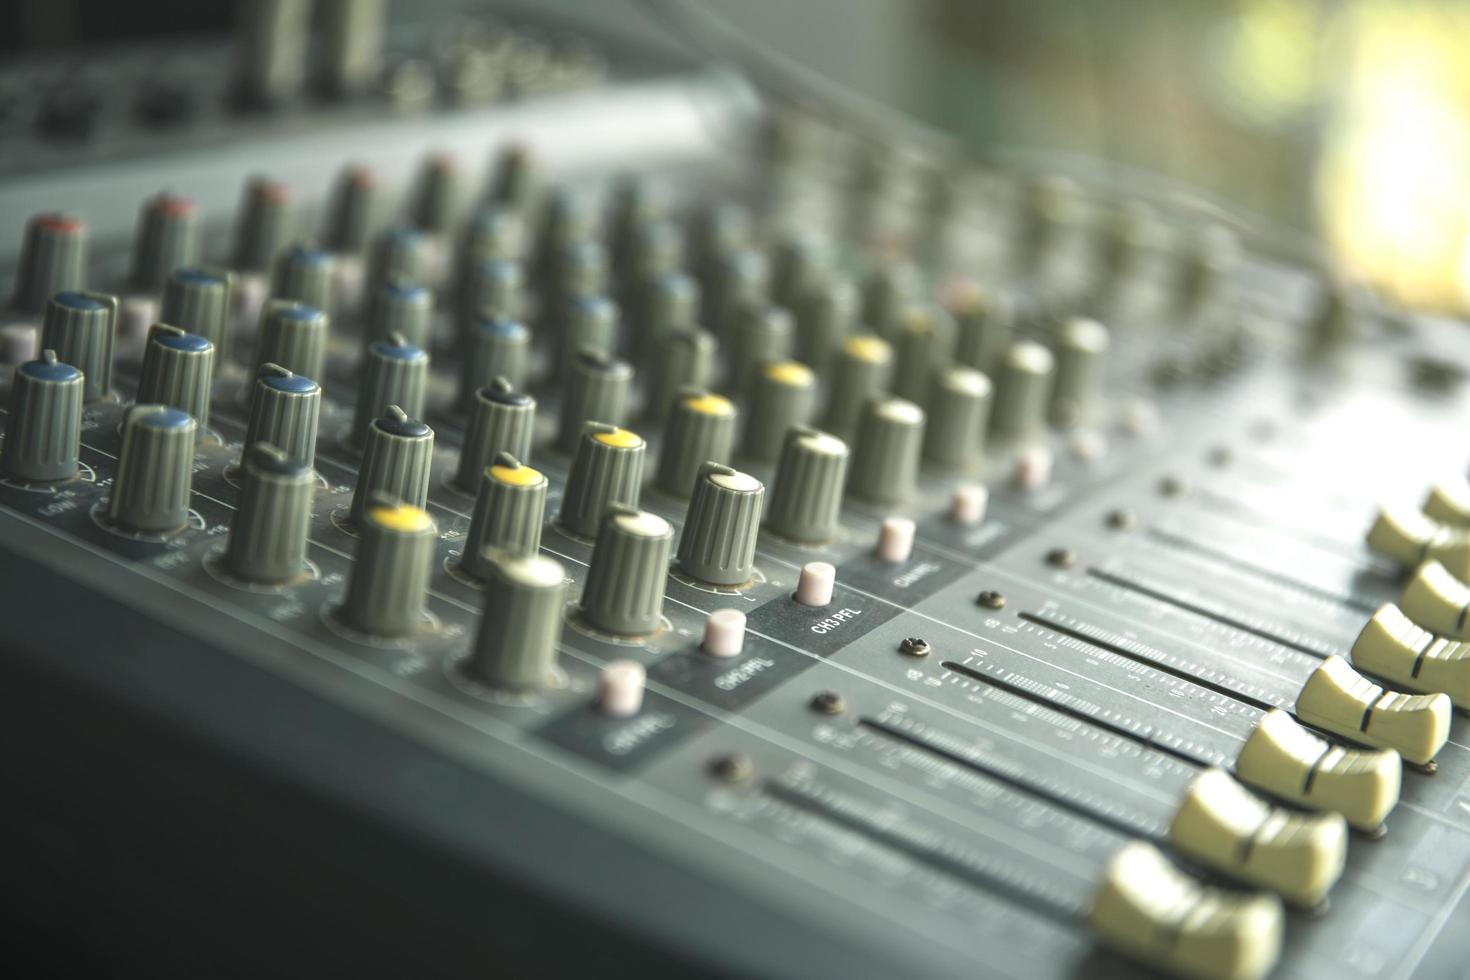 studio d'enregistrement sonore ou panneau de commande du mixeur photo